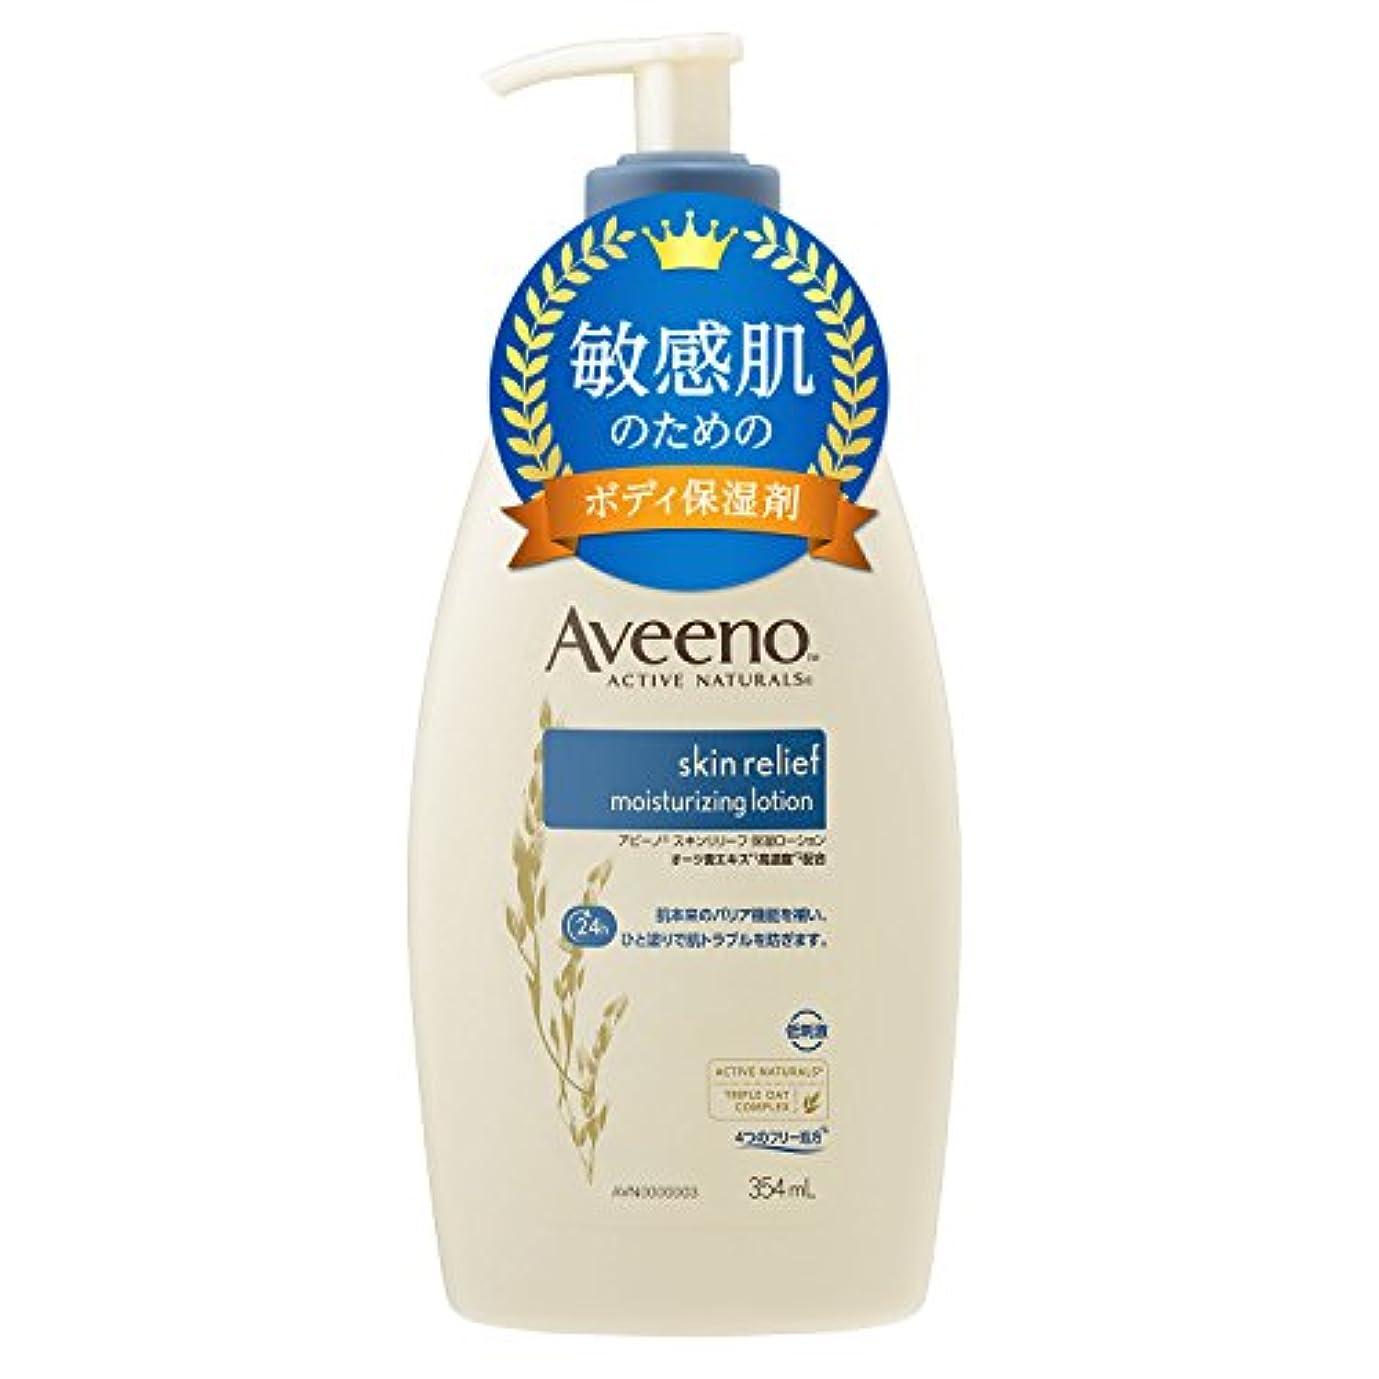 橋微視的構造【Amazon.co.jp限定】Aveeno(アビーノ) スキンリリーフ 保湿ローション 354ml 【極度の乾燥肌、敏感肌の方向け】